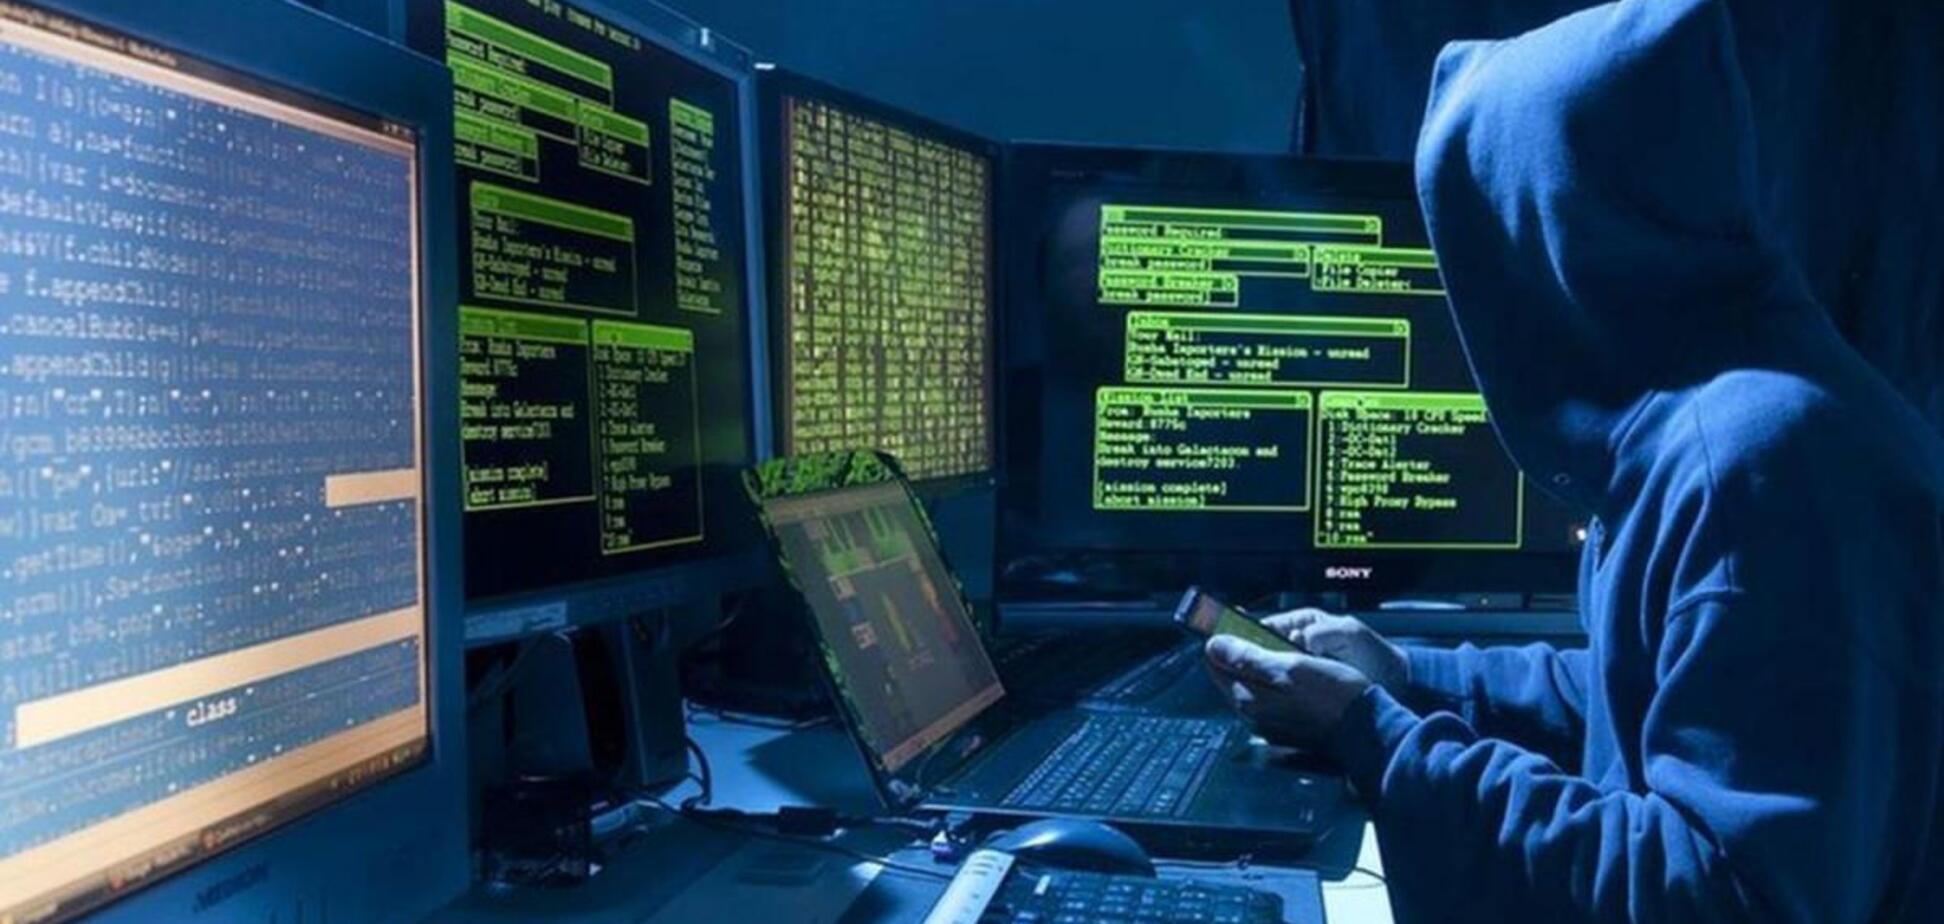 Правоохранители могут получить доступ к информации пользователей интернета